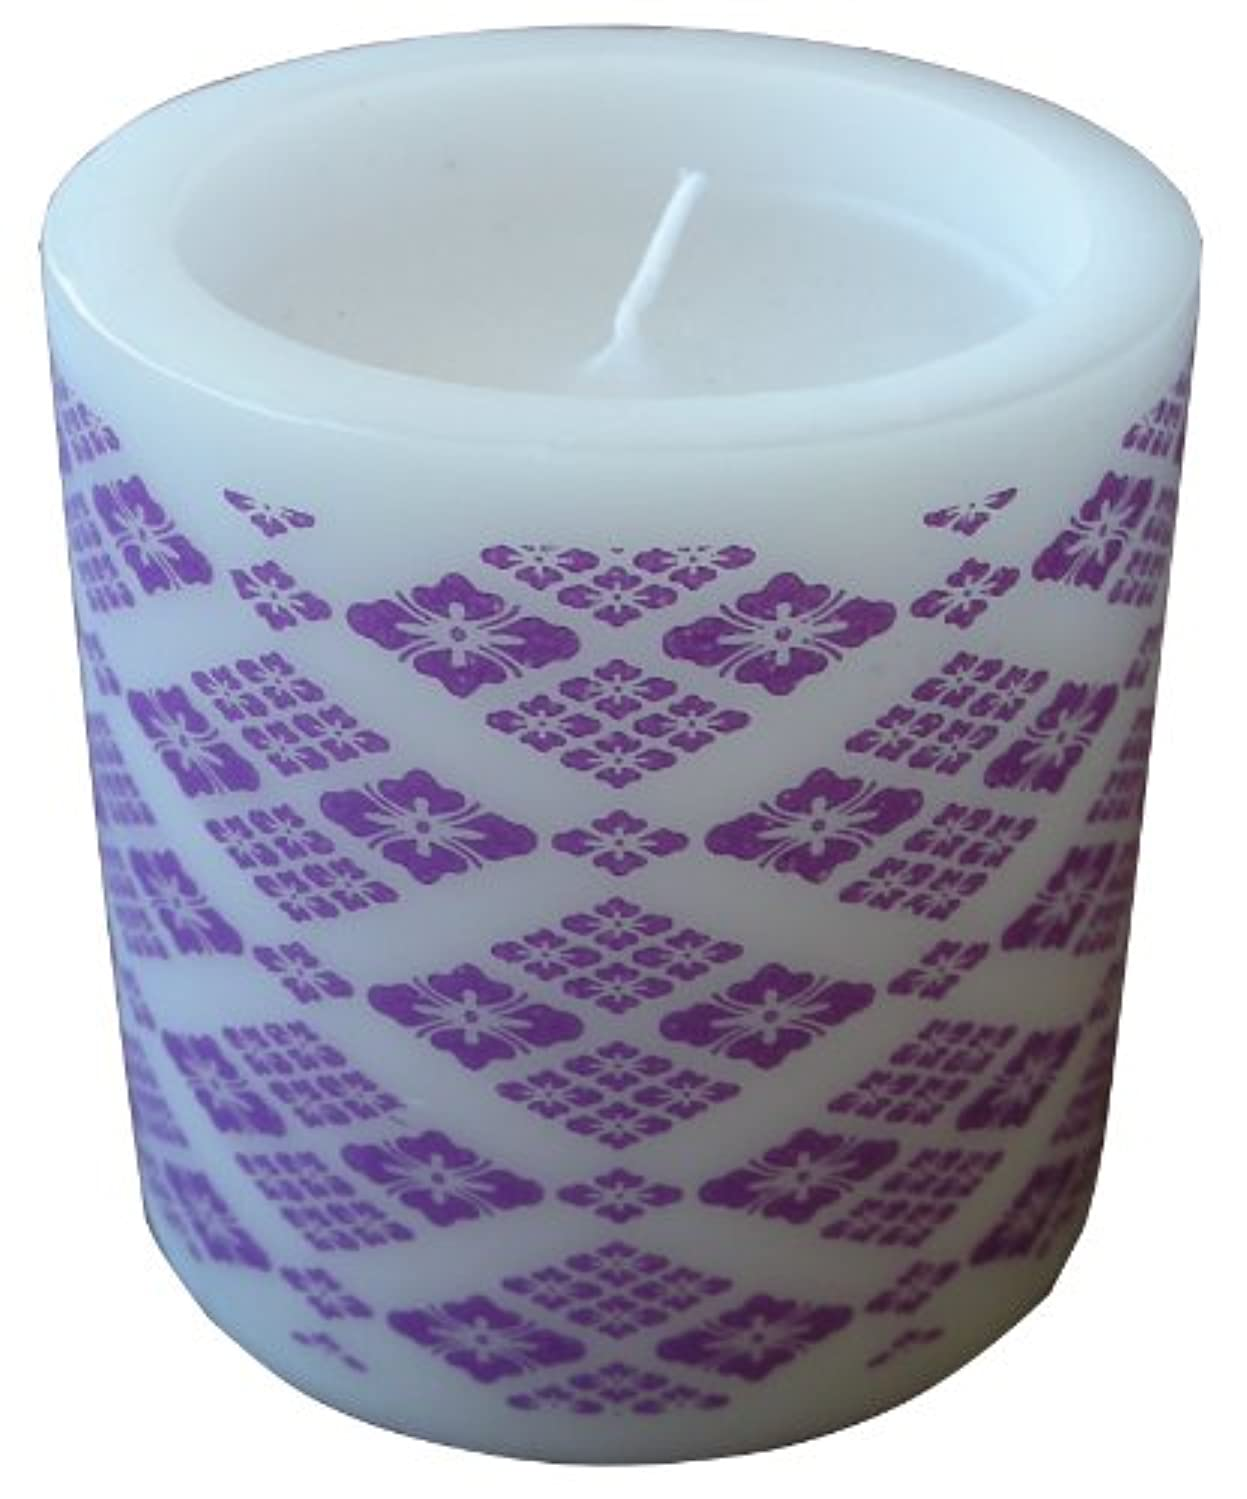 レクリエーションコンプライアンス保持マルエス 和みローソク 菱模様 紫